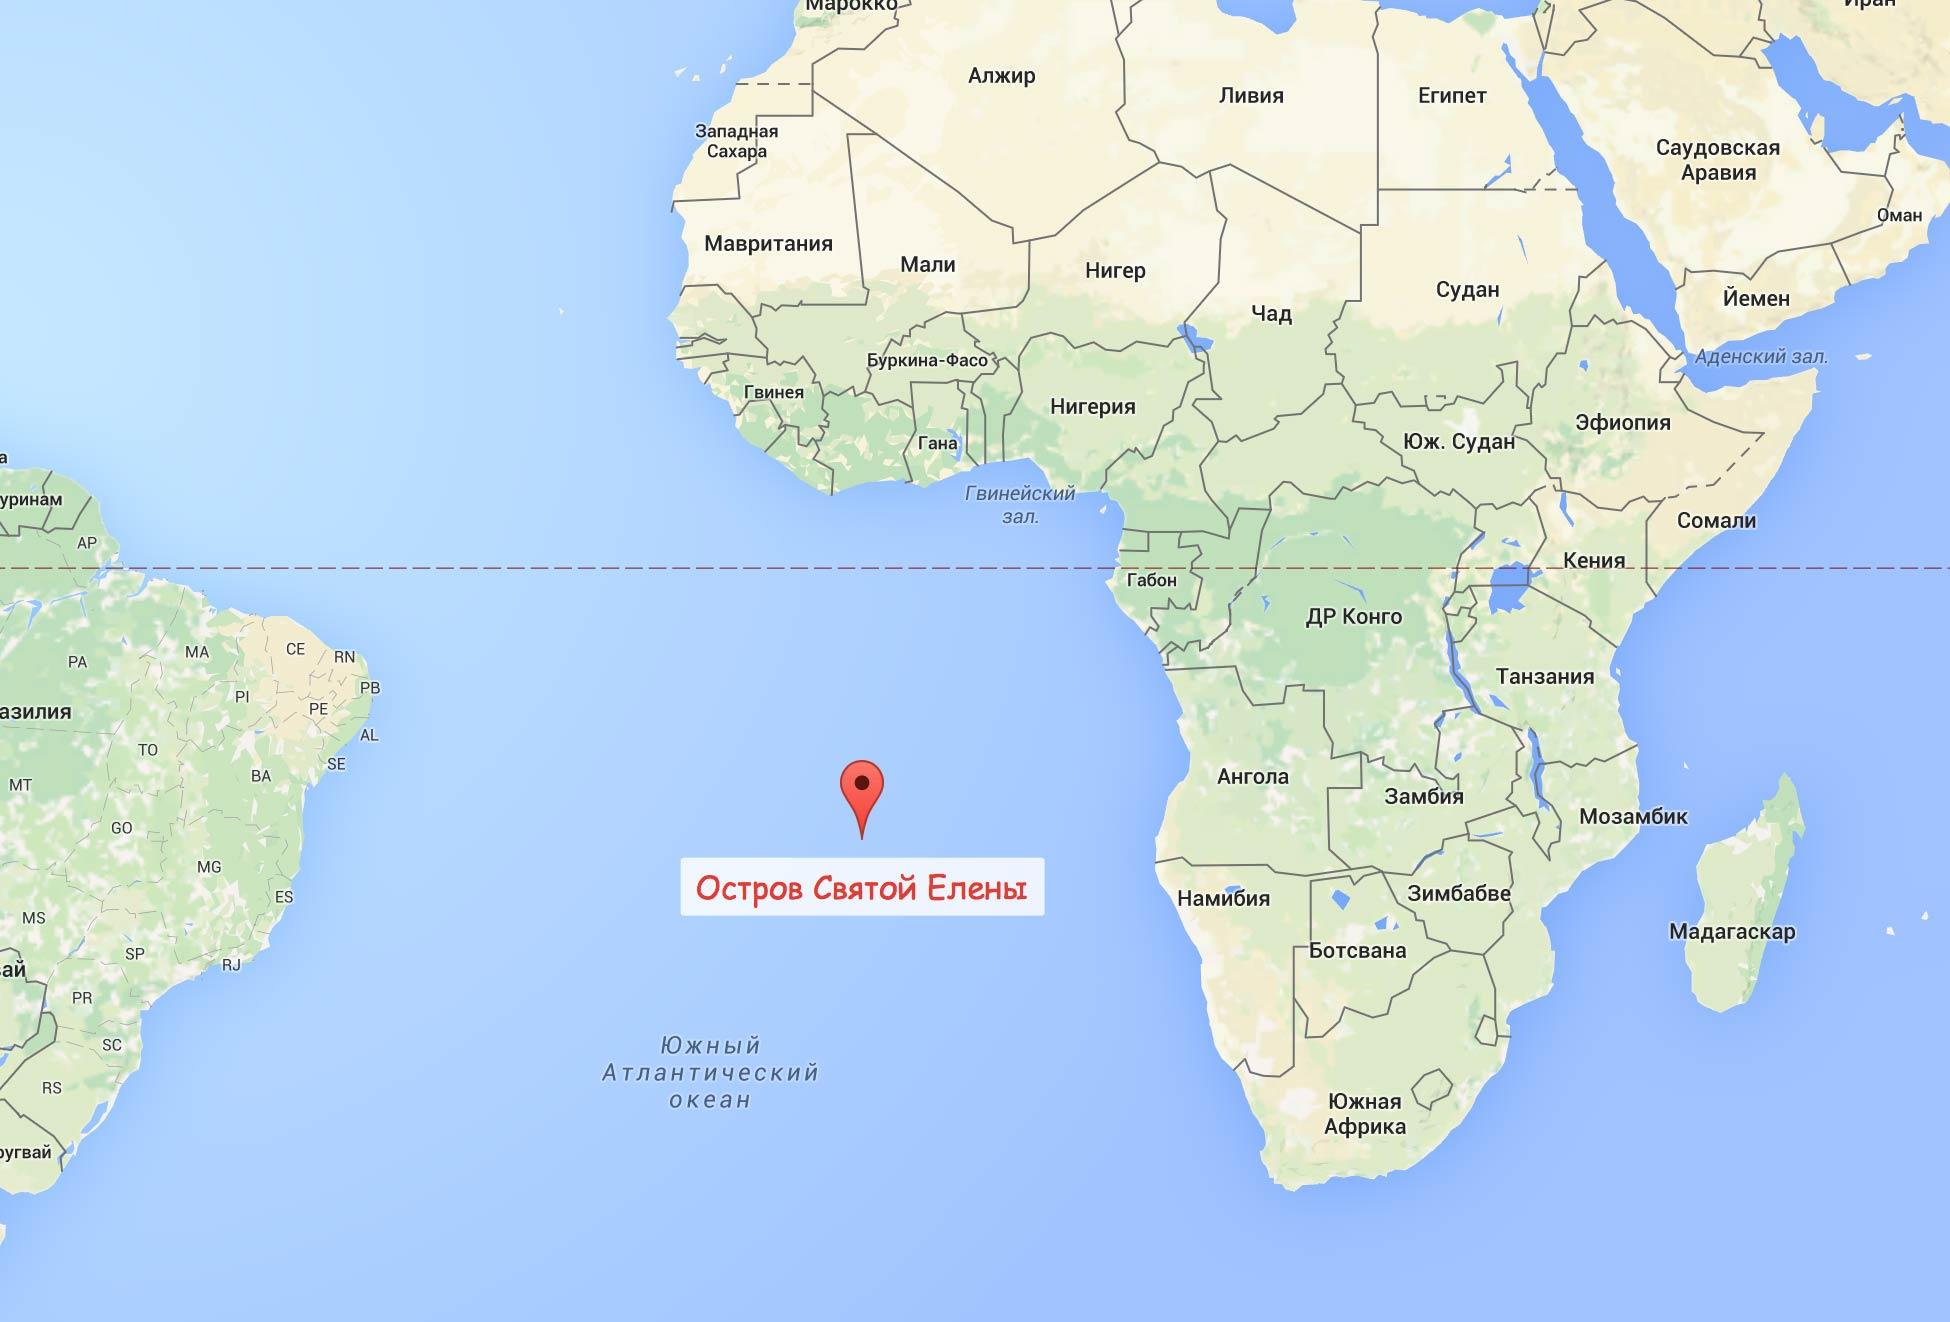 Остров святой елены где находится